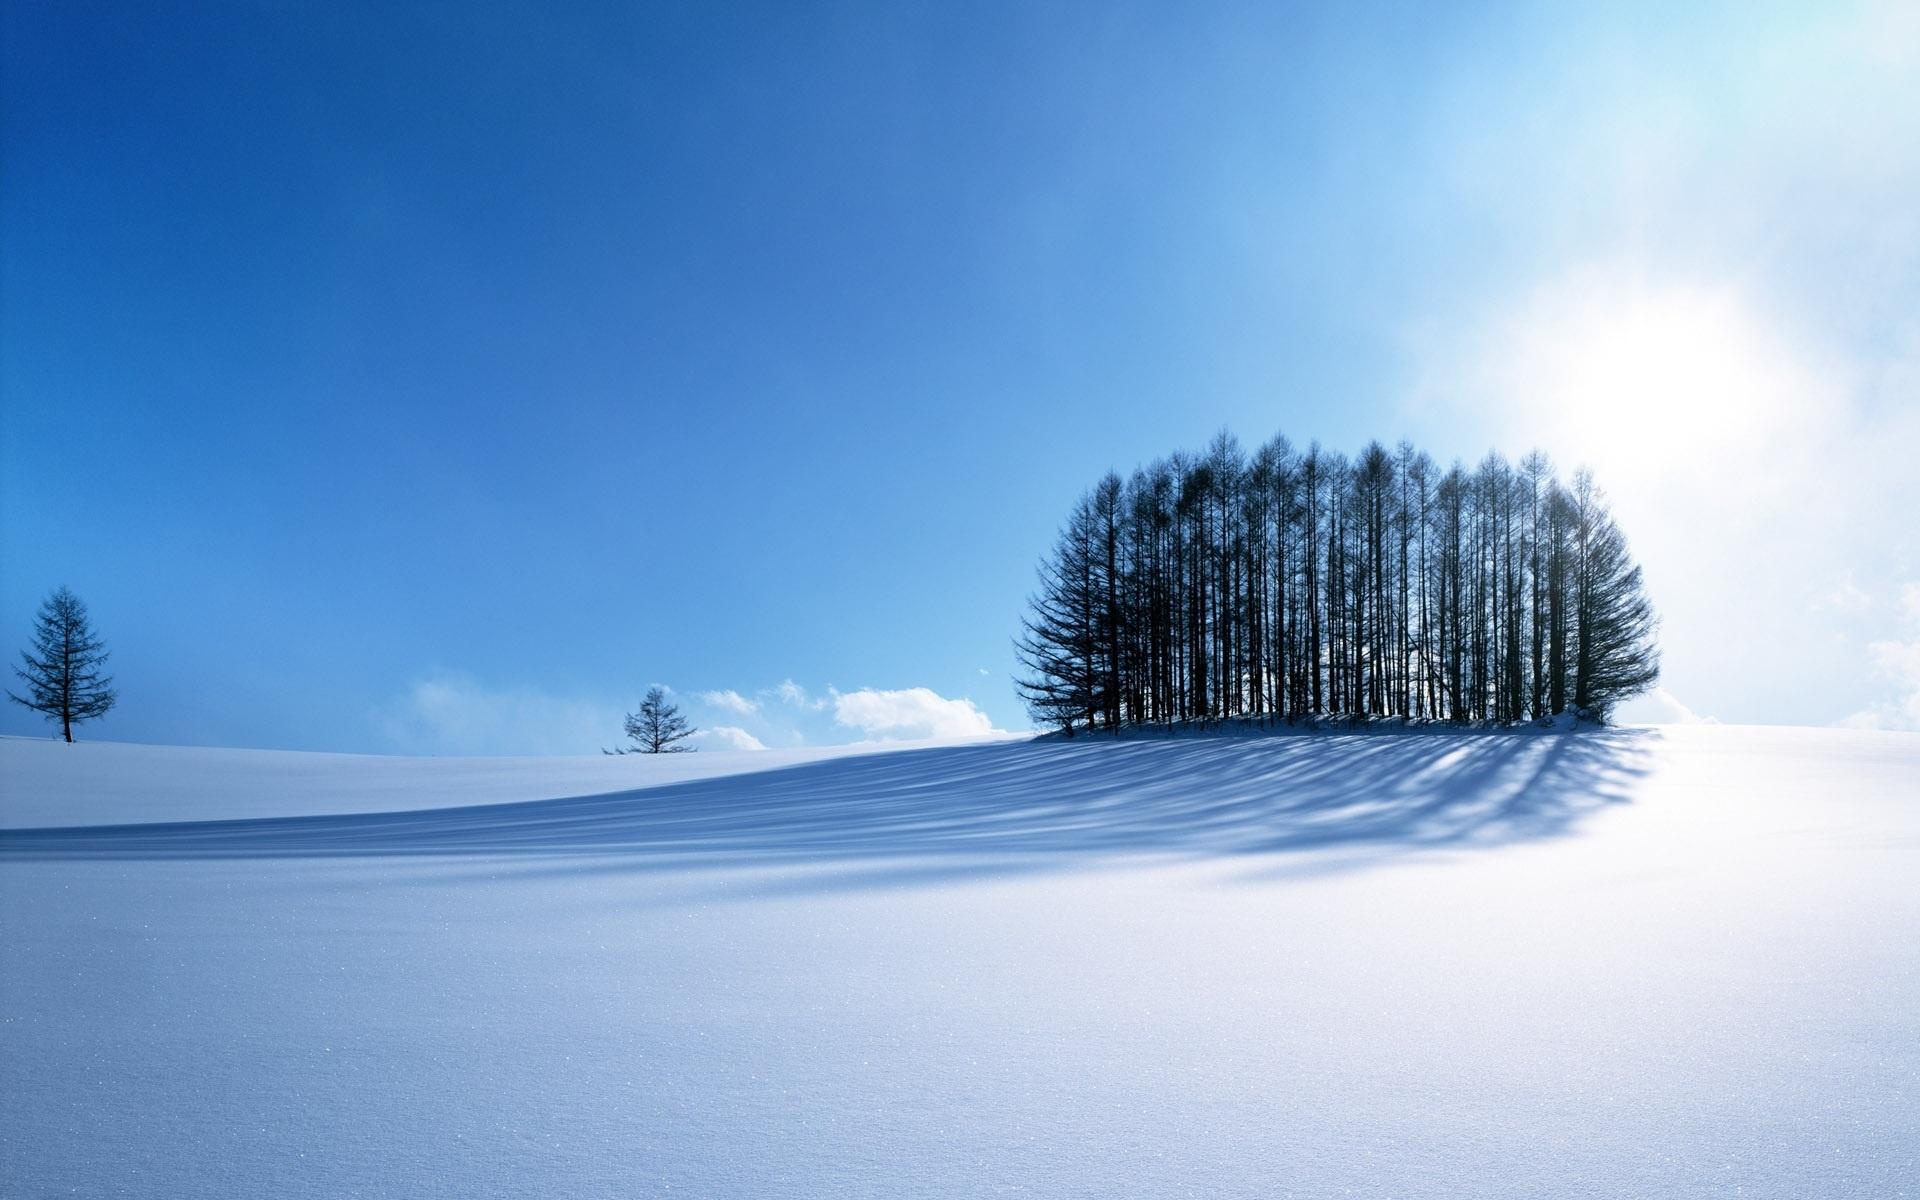 壁紙 冬の雪 1920x1200 Hd 無料のデスクトップの背景 画像